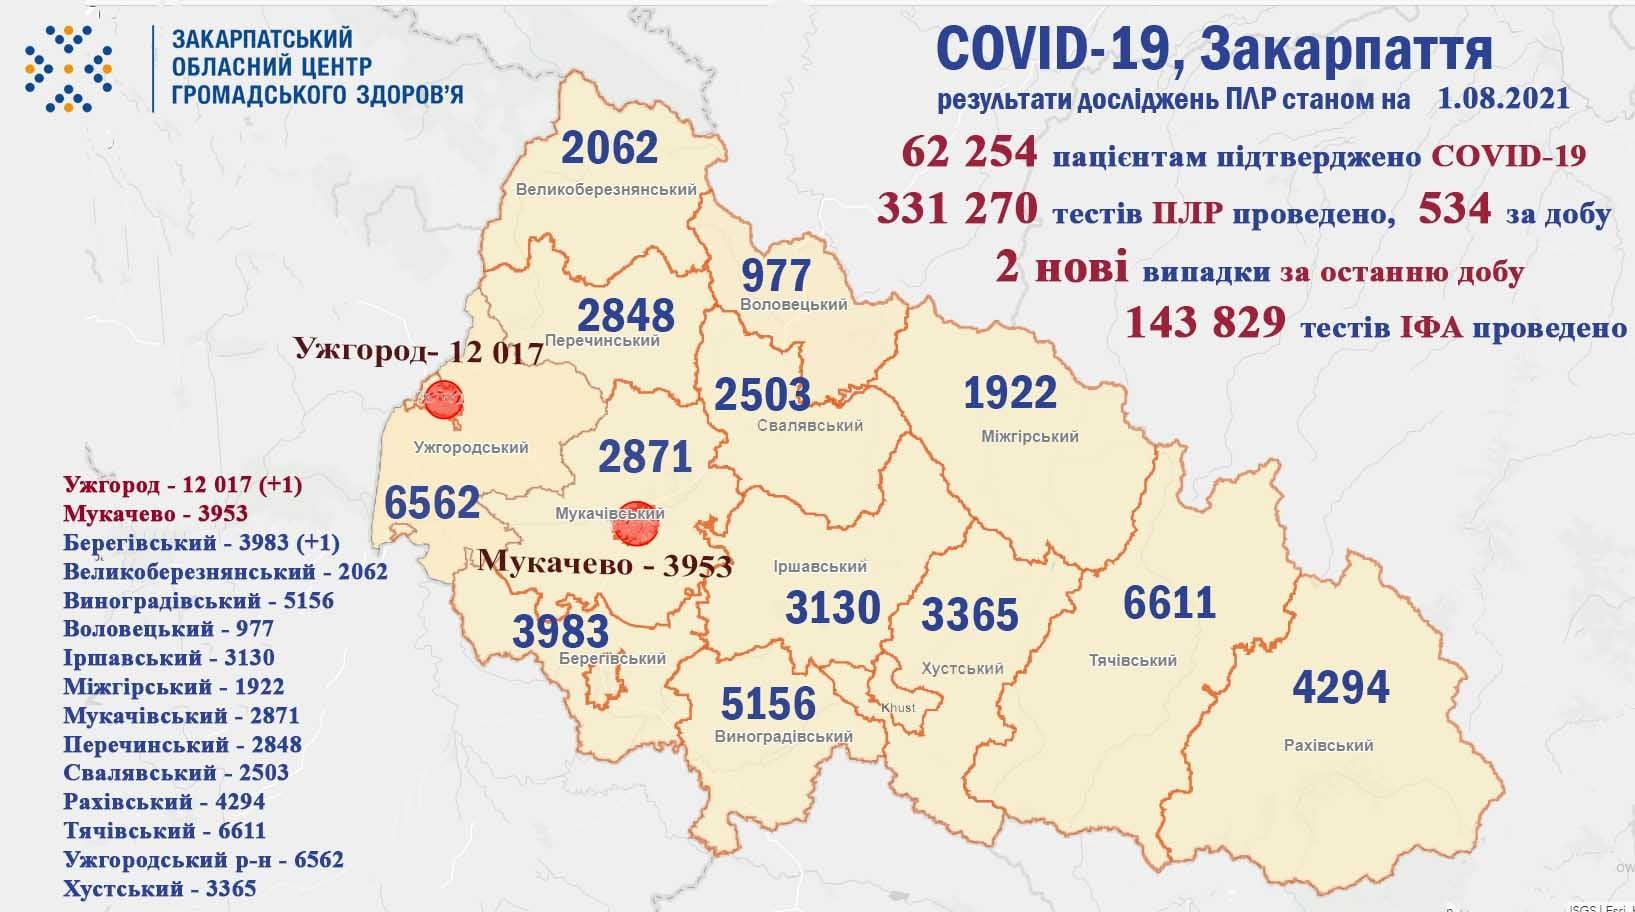 Де у Закарпатті за попередню добу виявили нових хворих на коронавірус